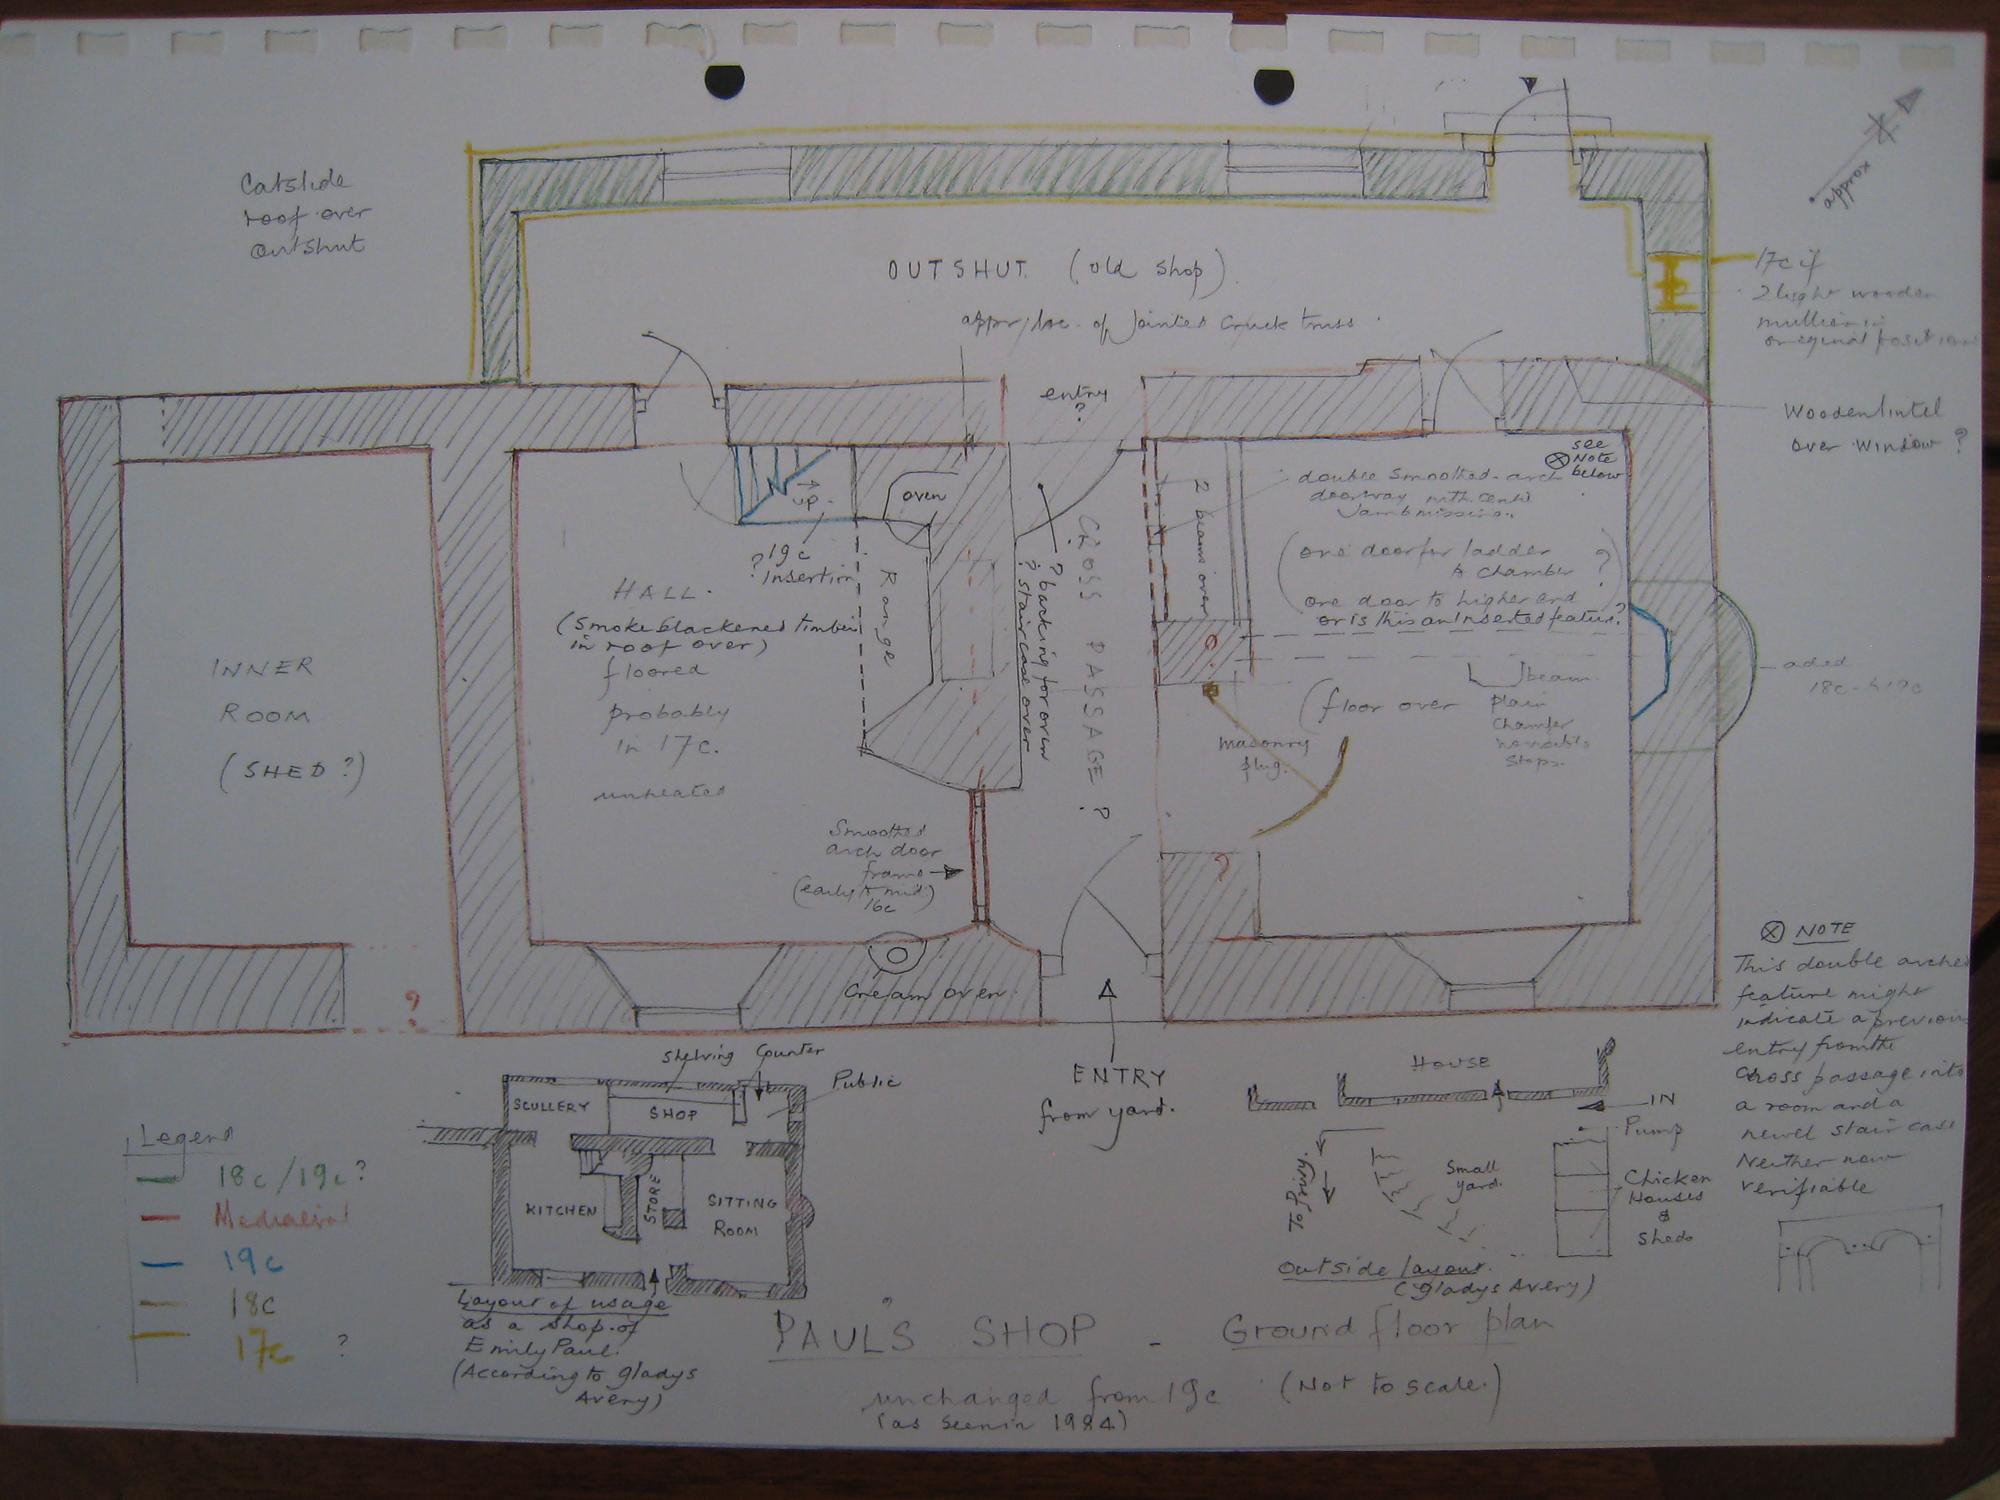 Paul's Shop ground floor plan